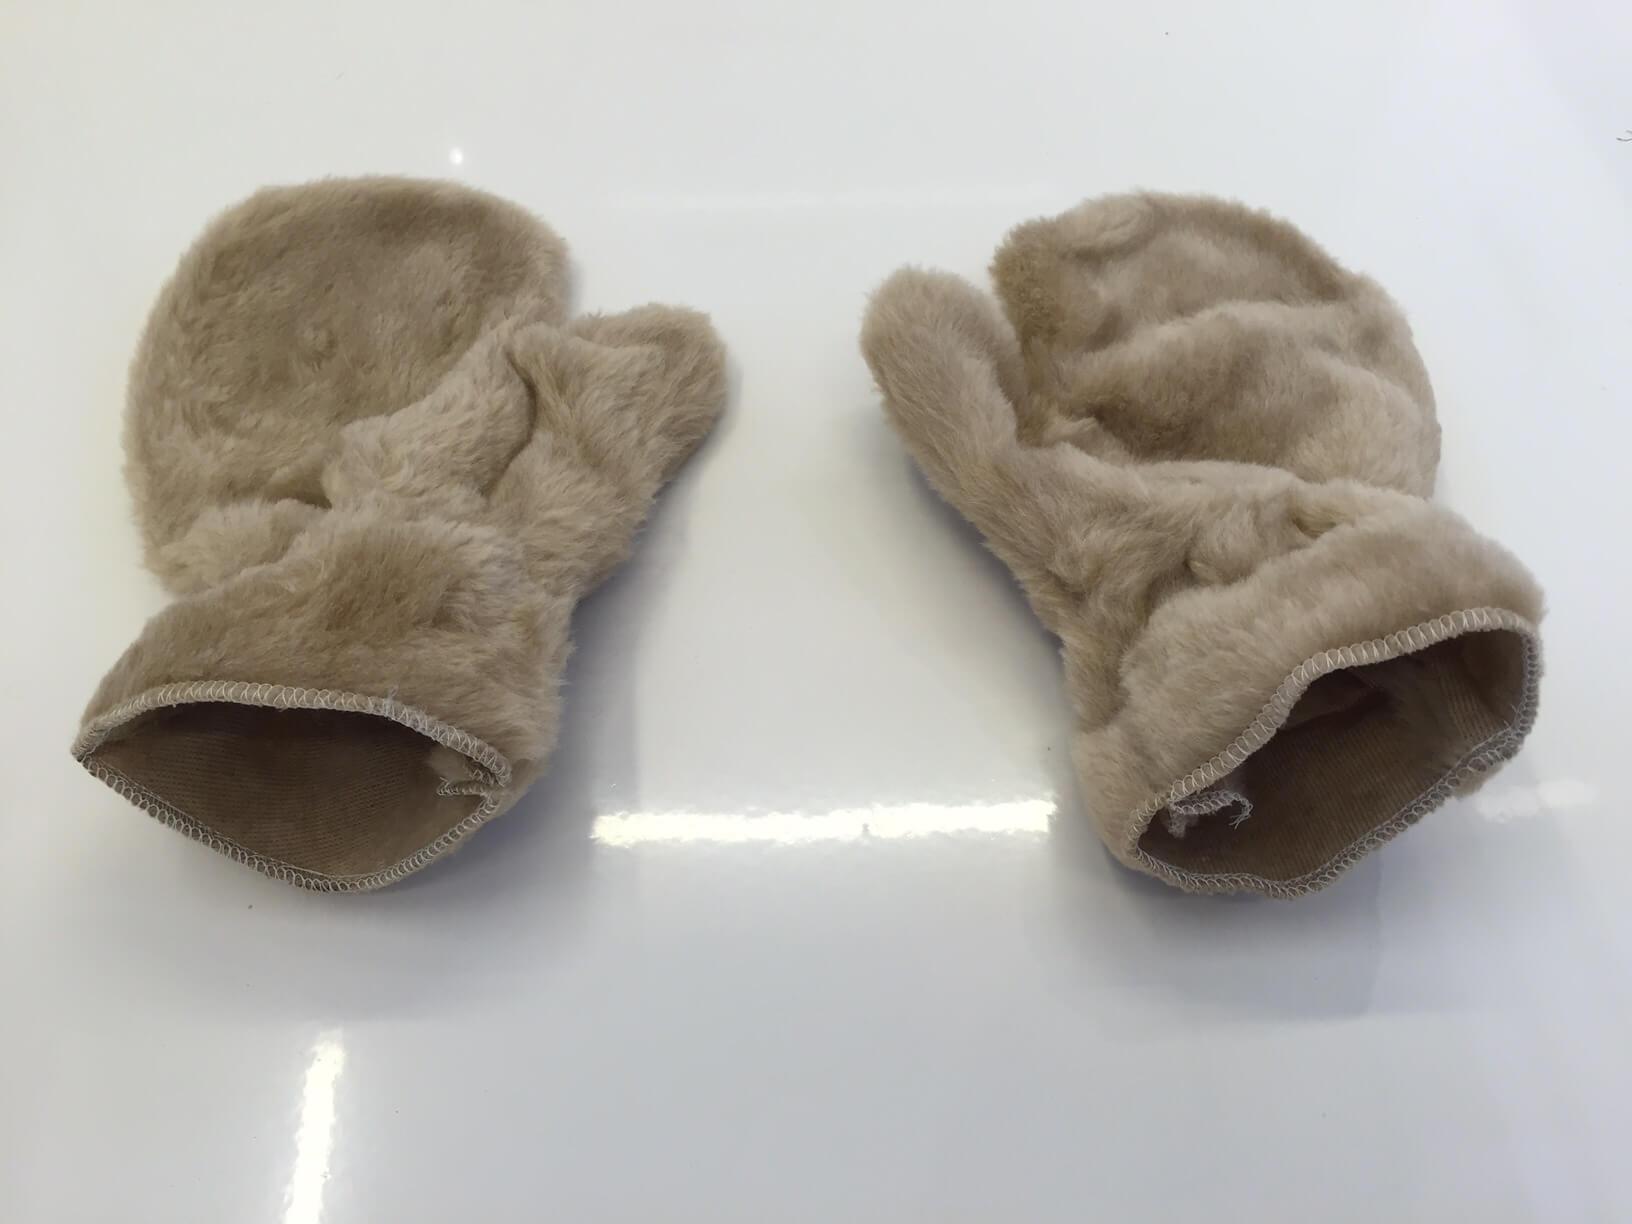 16p-Hunde-Lauffigur-Maskottchen